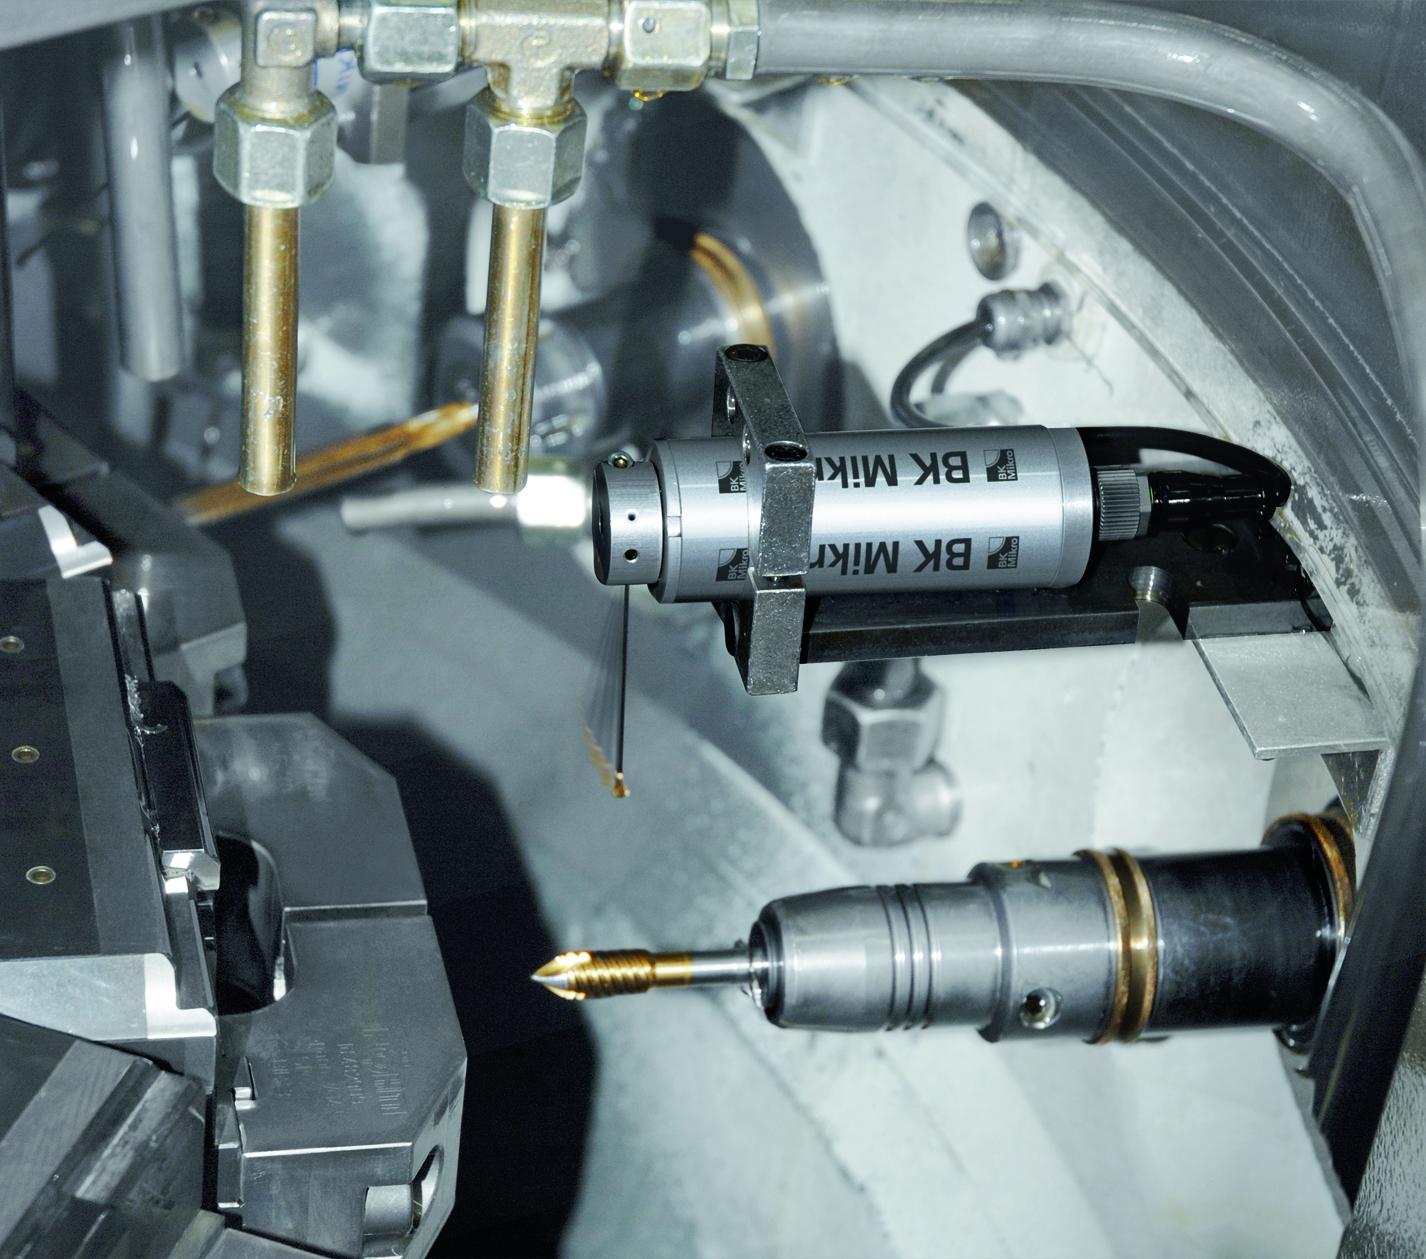 Système de détection de casse et bris d'outil